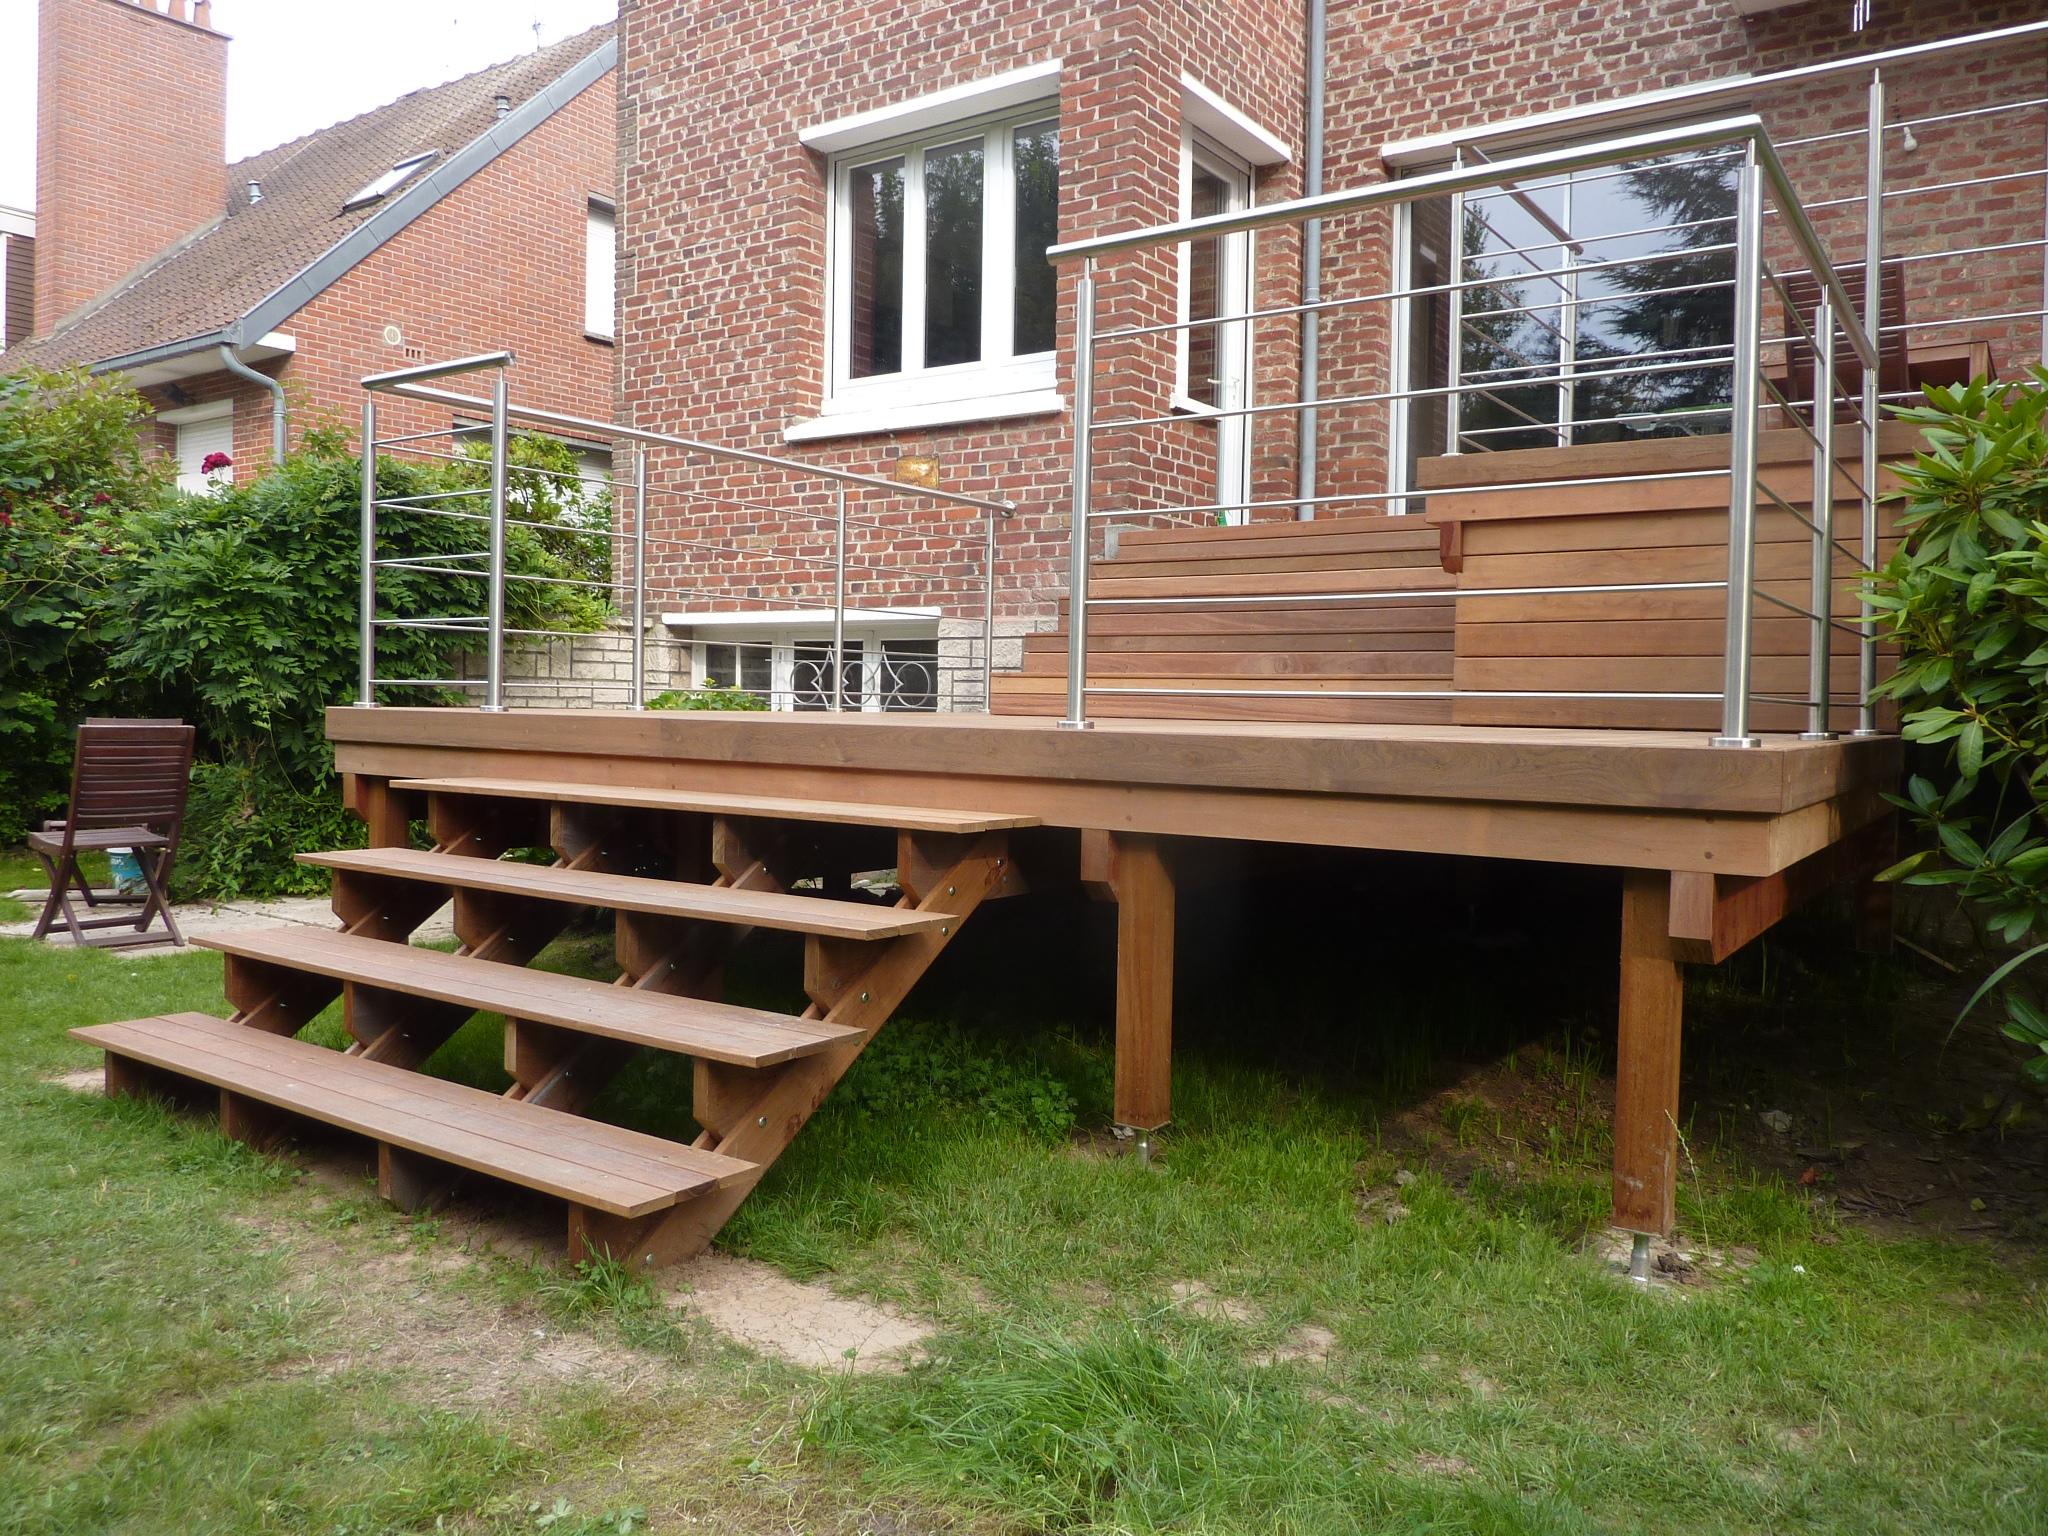 Terrasse ipé surélevée sur une structure bois exotiques